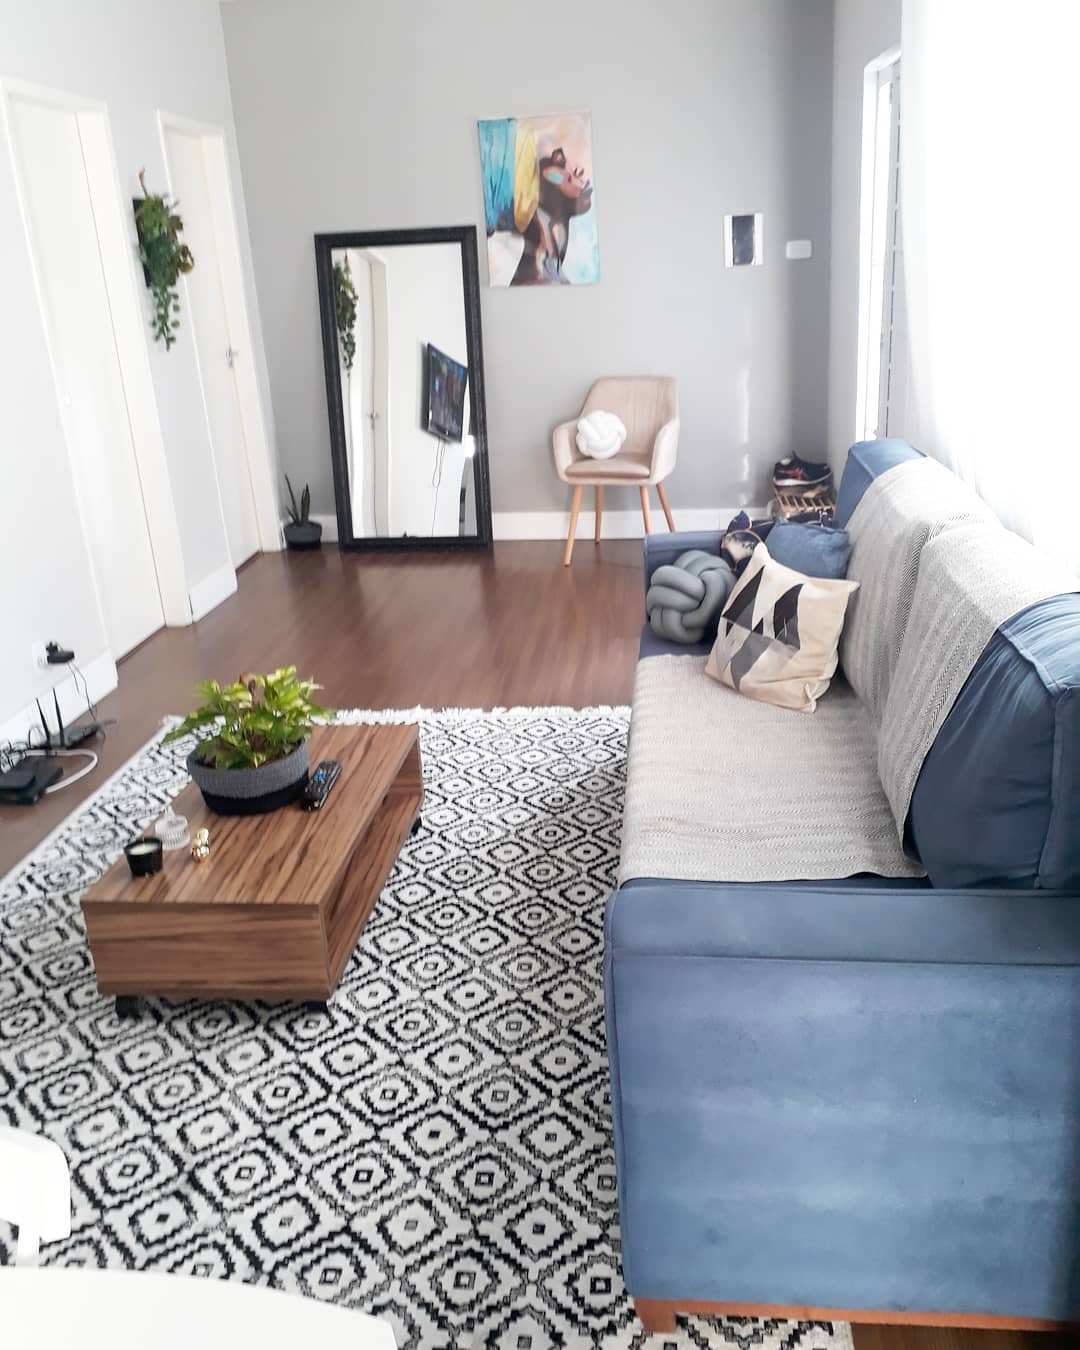 sofa azul e decoração preta e branca